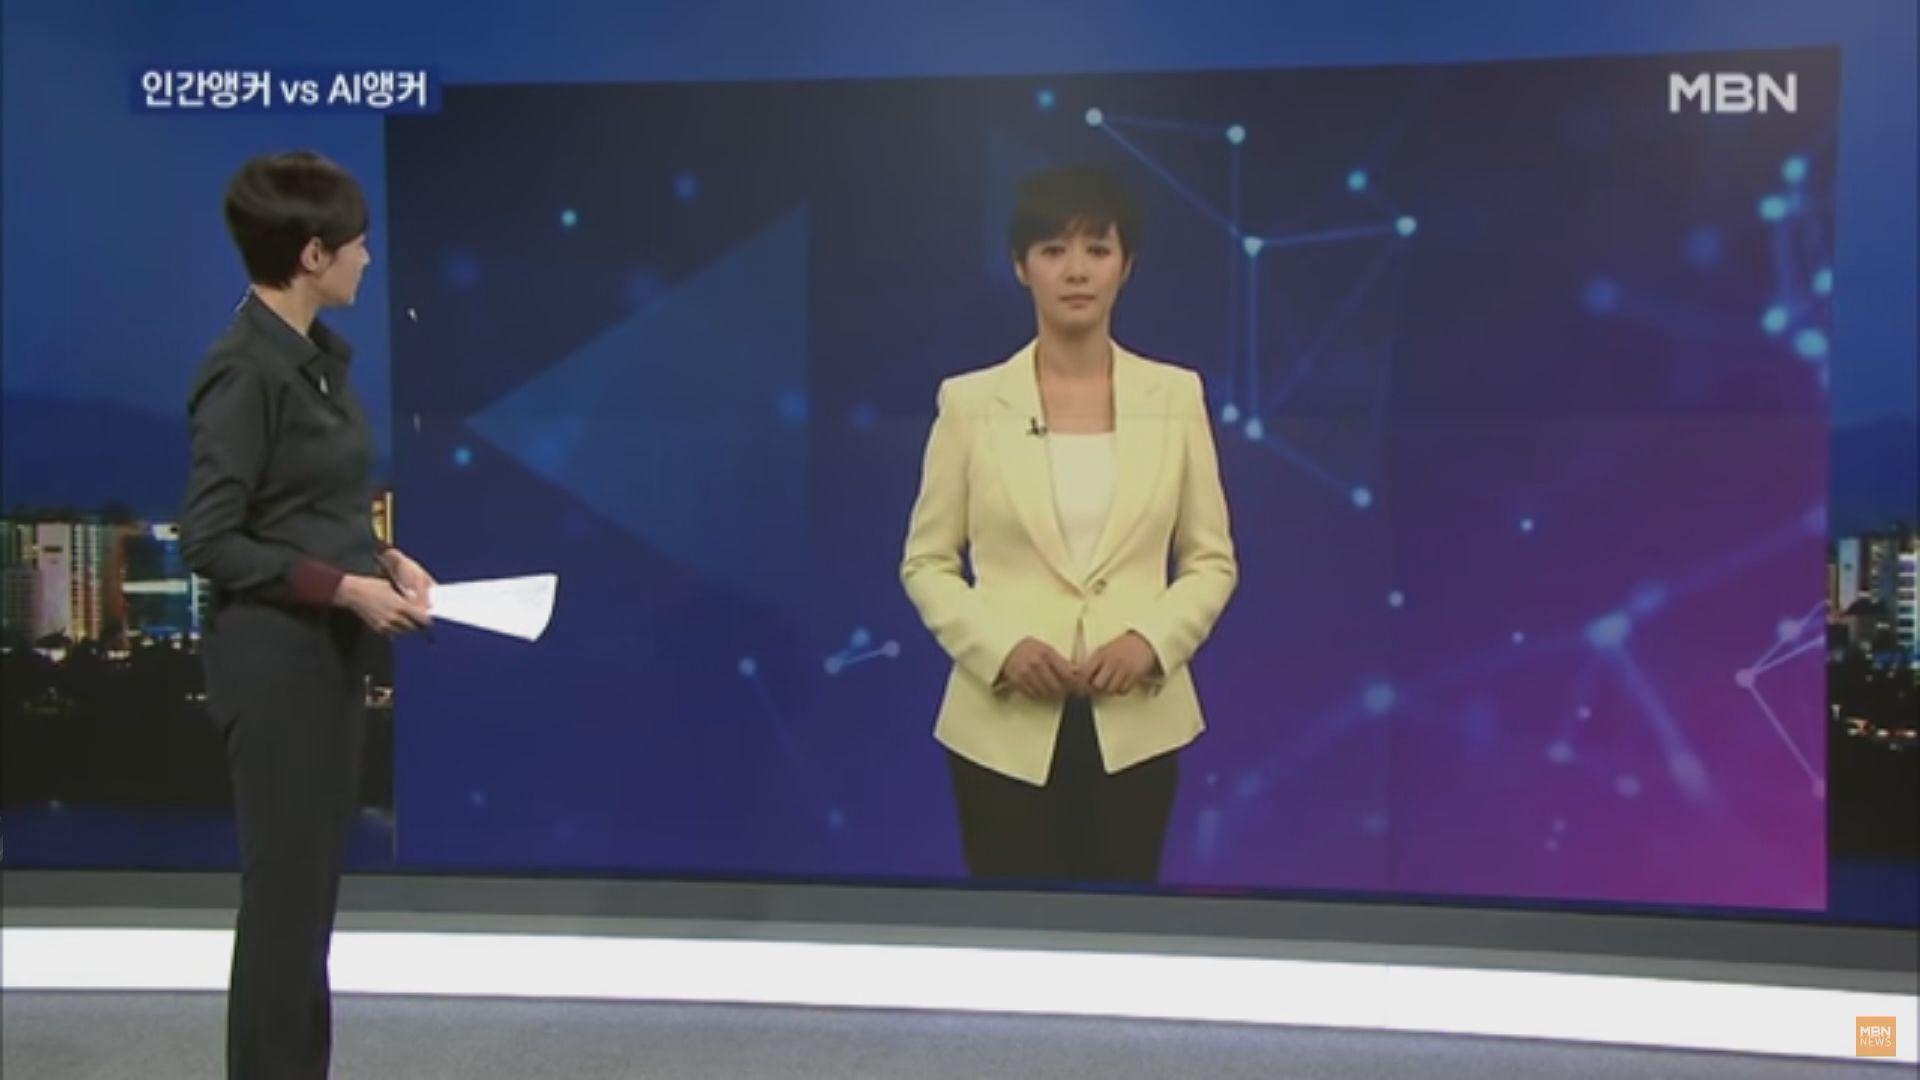 【環球薈報】南韓首位人工智能主播正式亮相